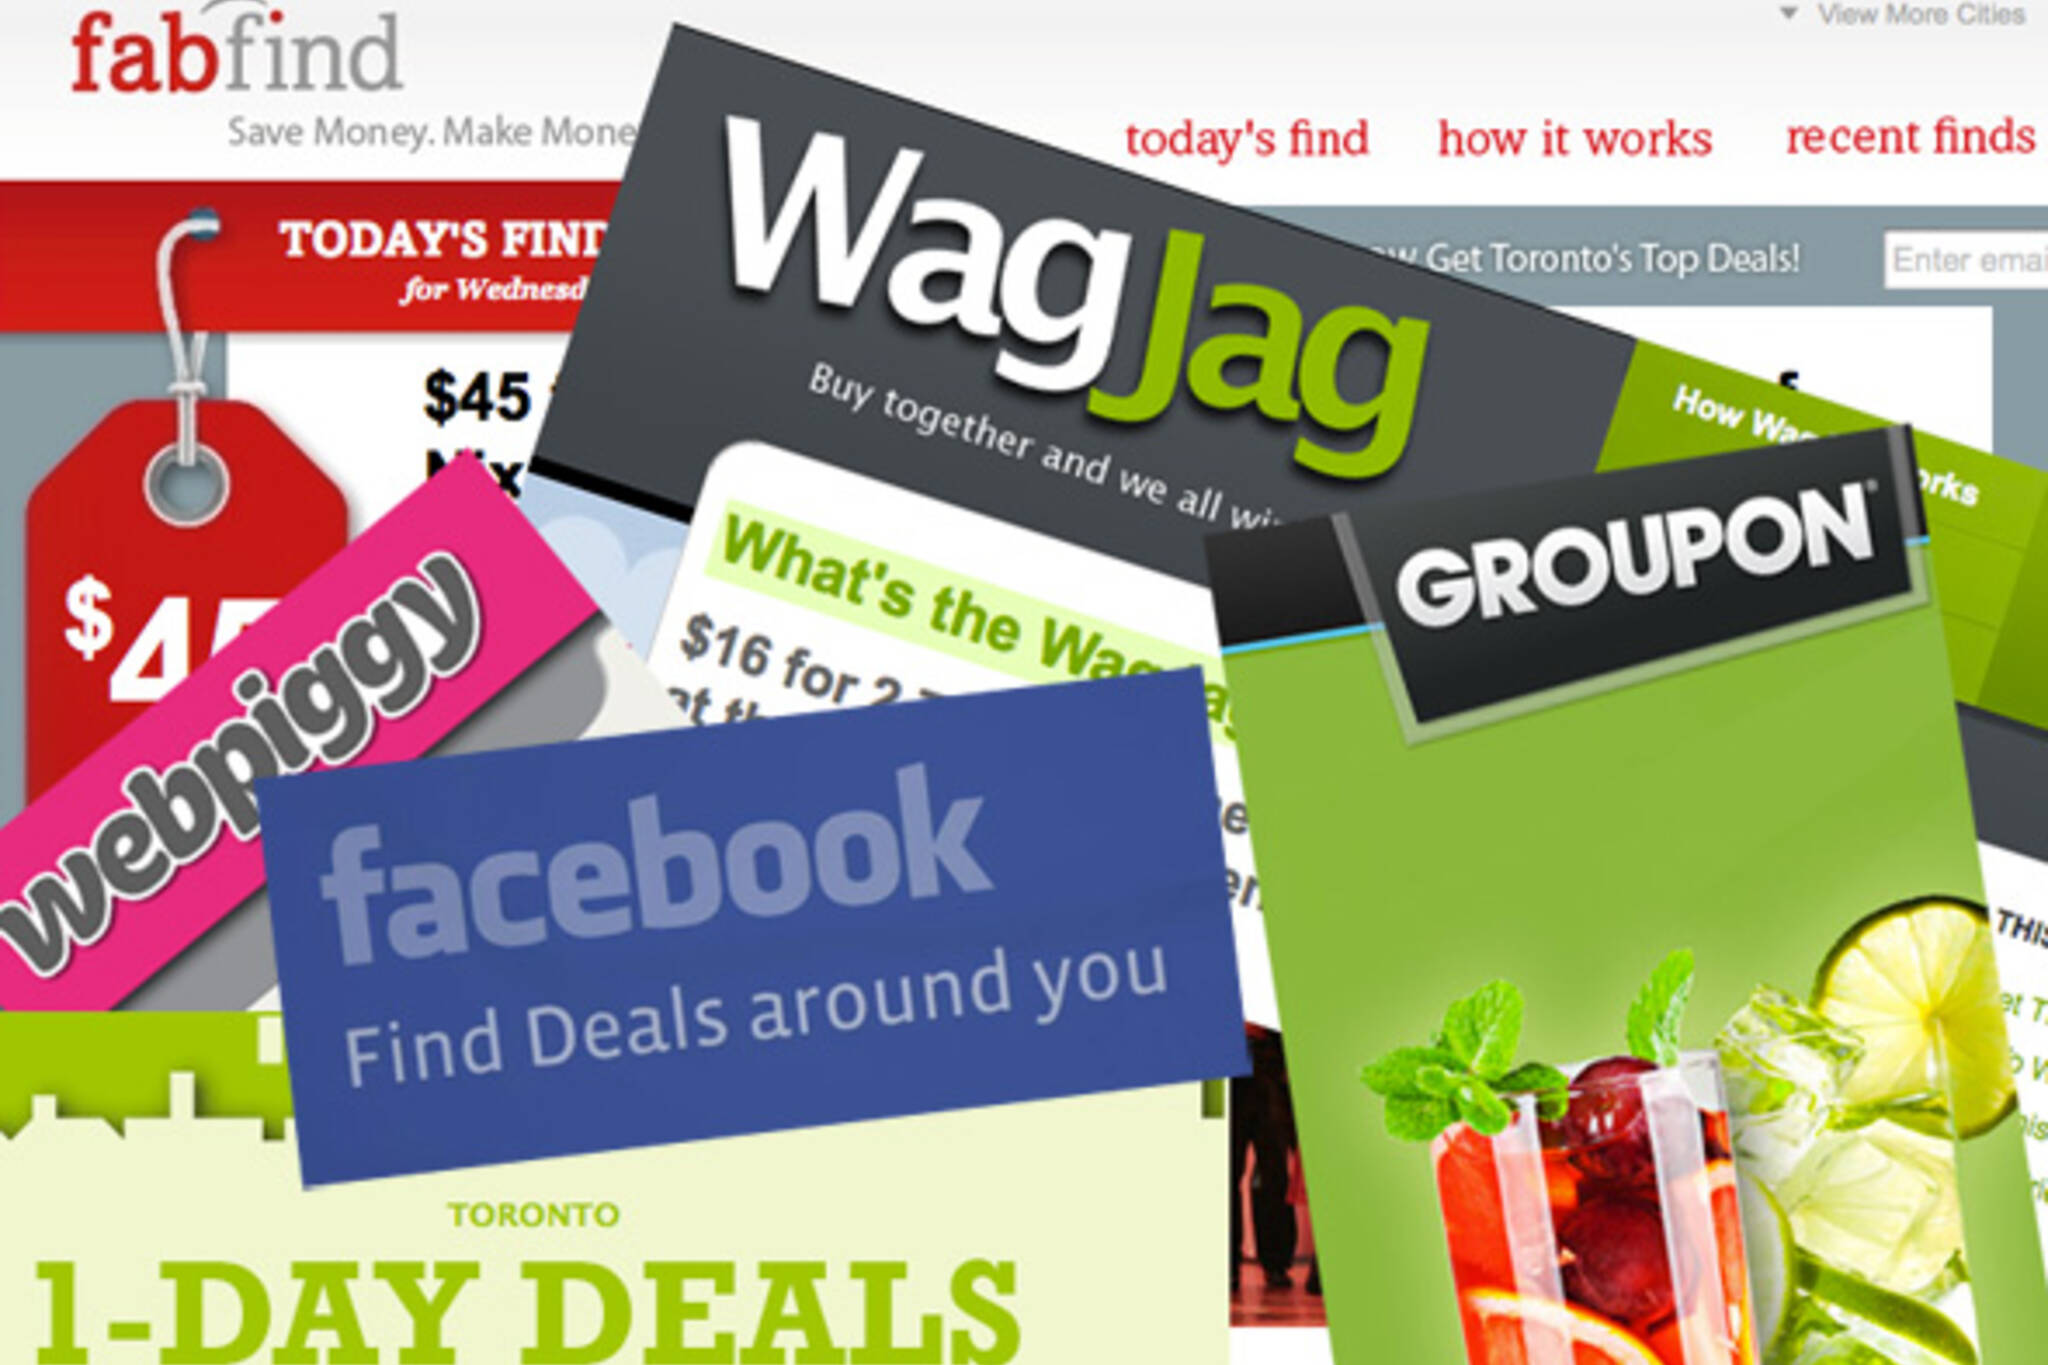 Group Buying Toronto